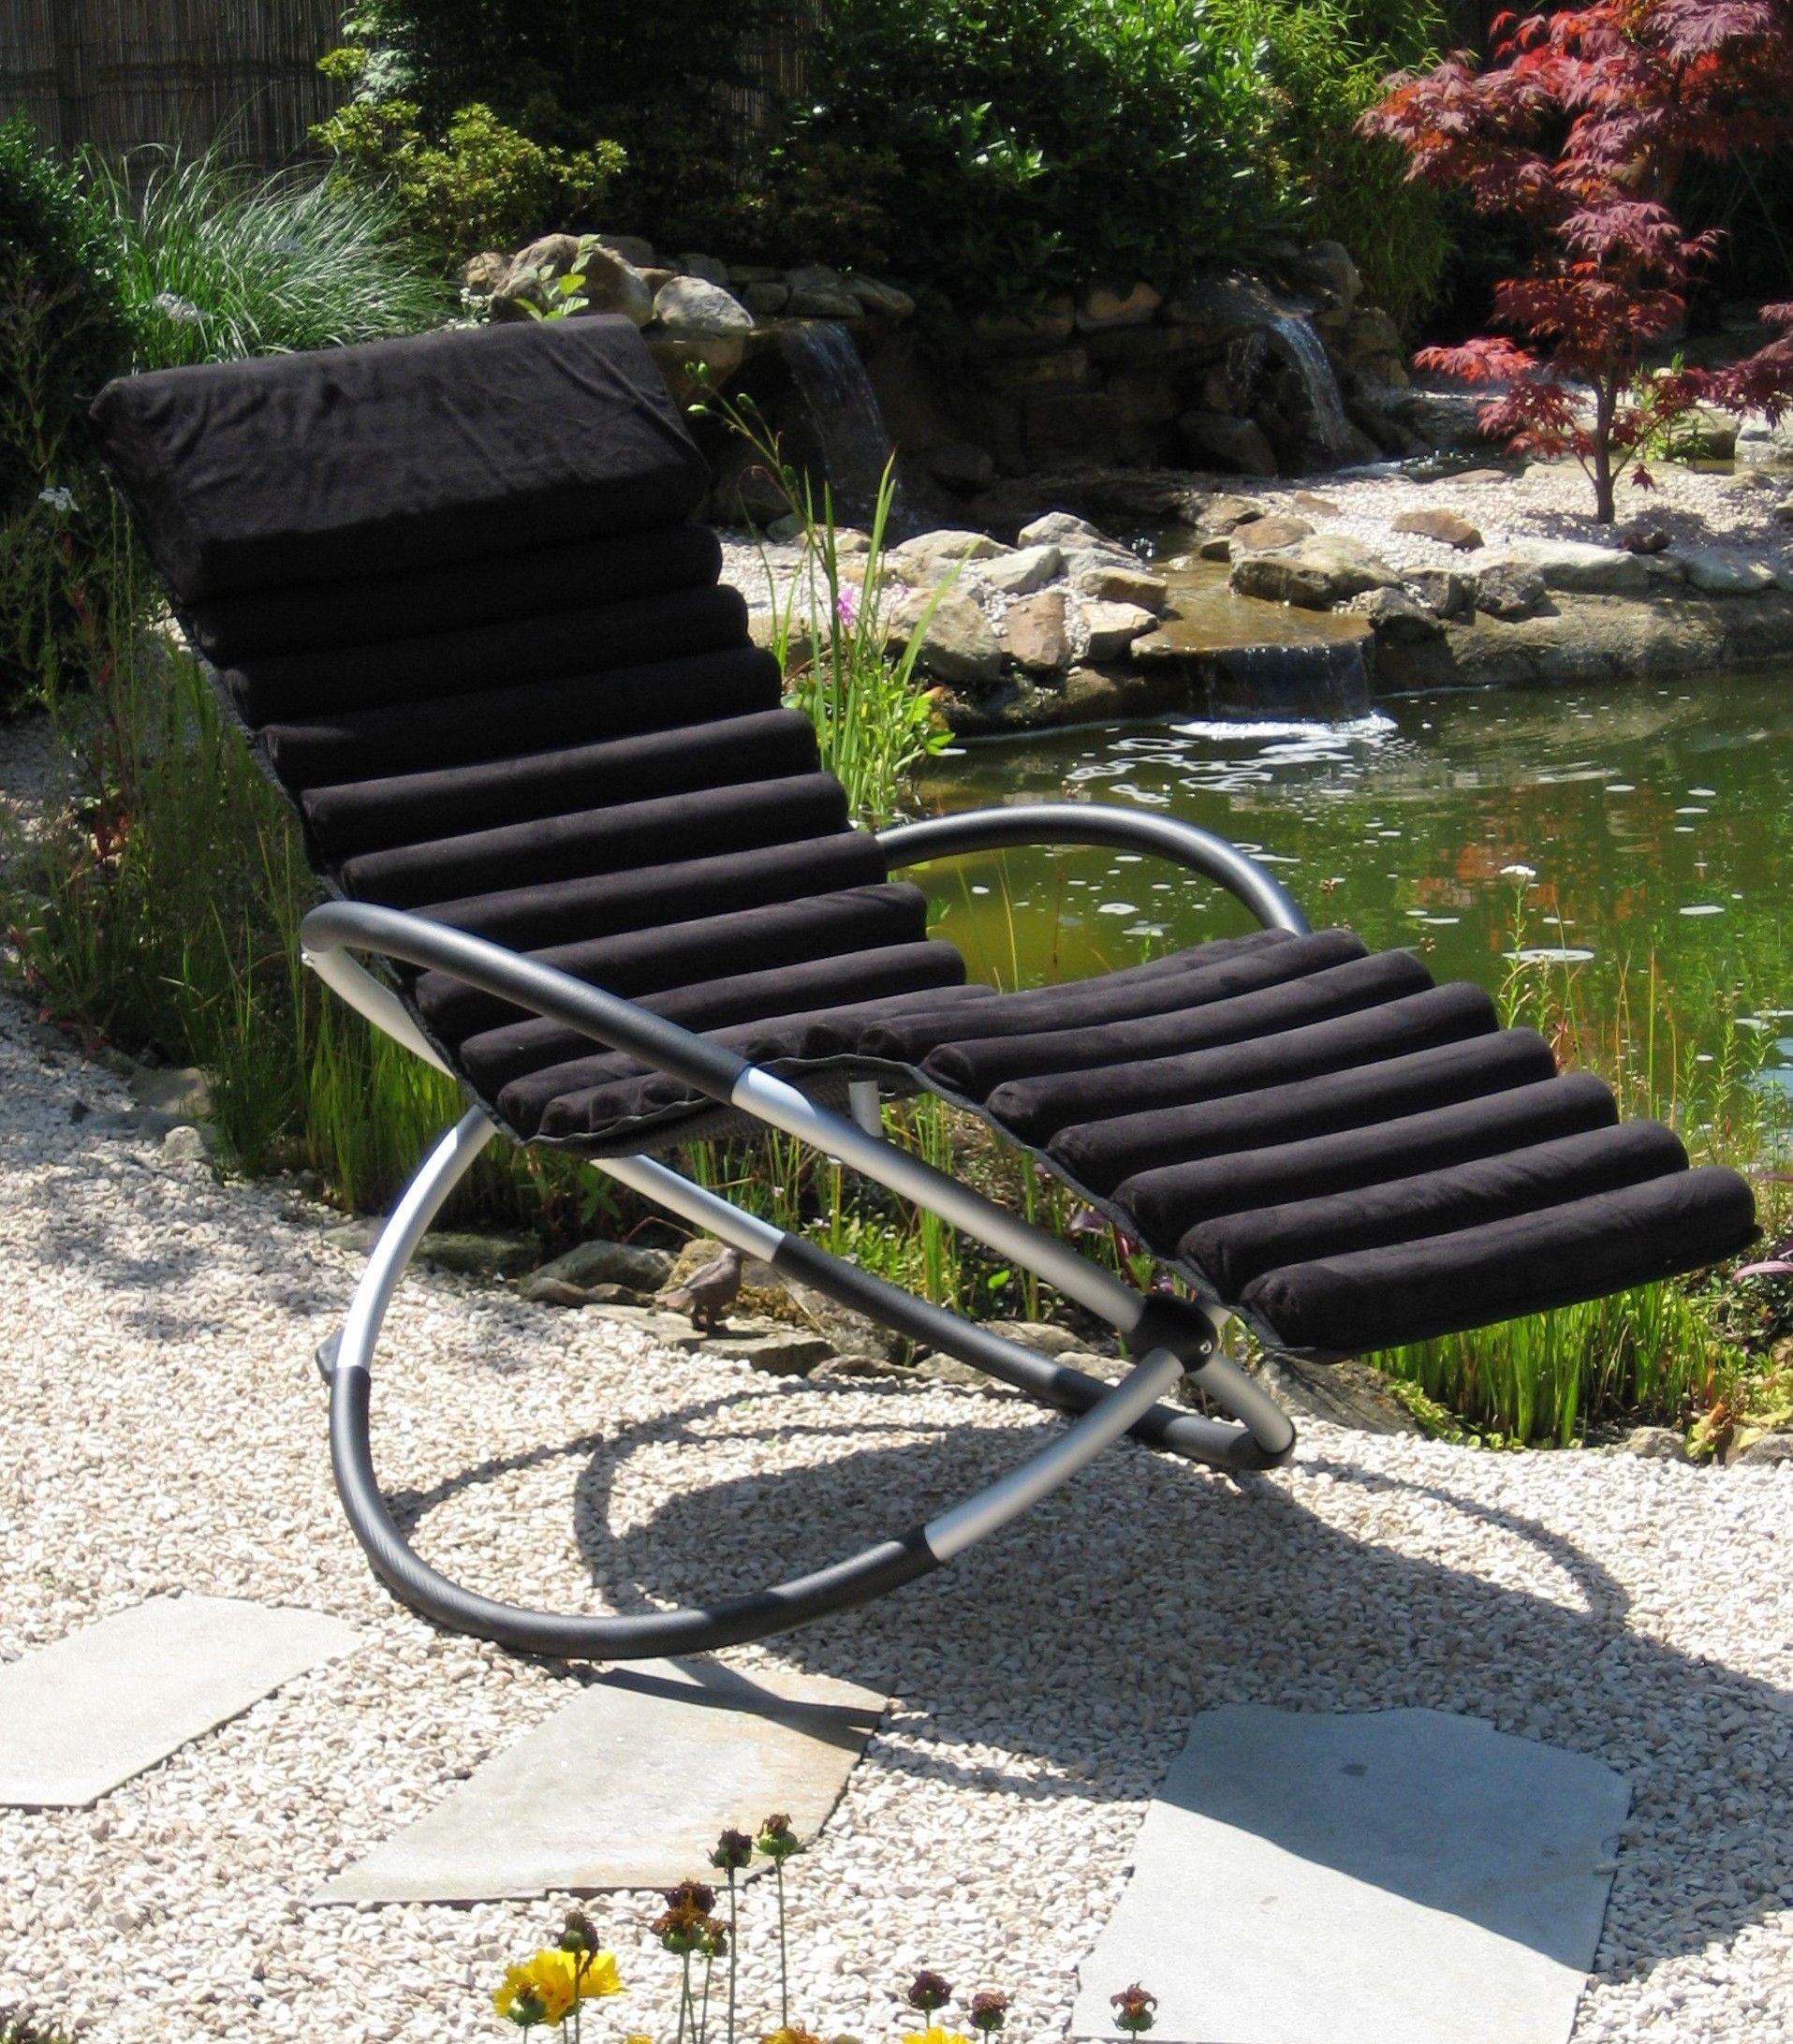 leco schaukelstuhl kissen stuhlkissen garten liege auflage sonnenliege schwarz ebay. Black Bedroom Furniture Sets. Home Design Ideas